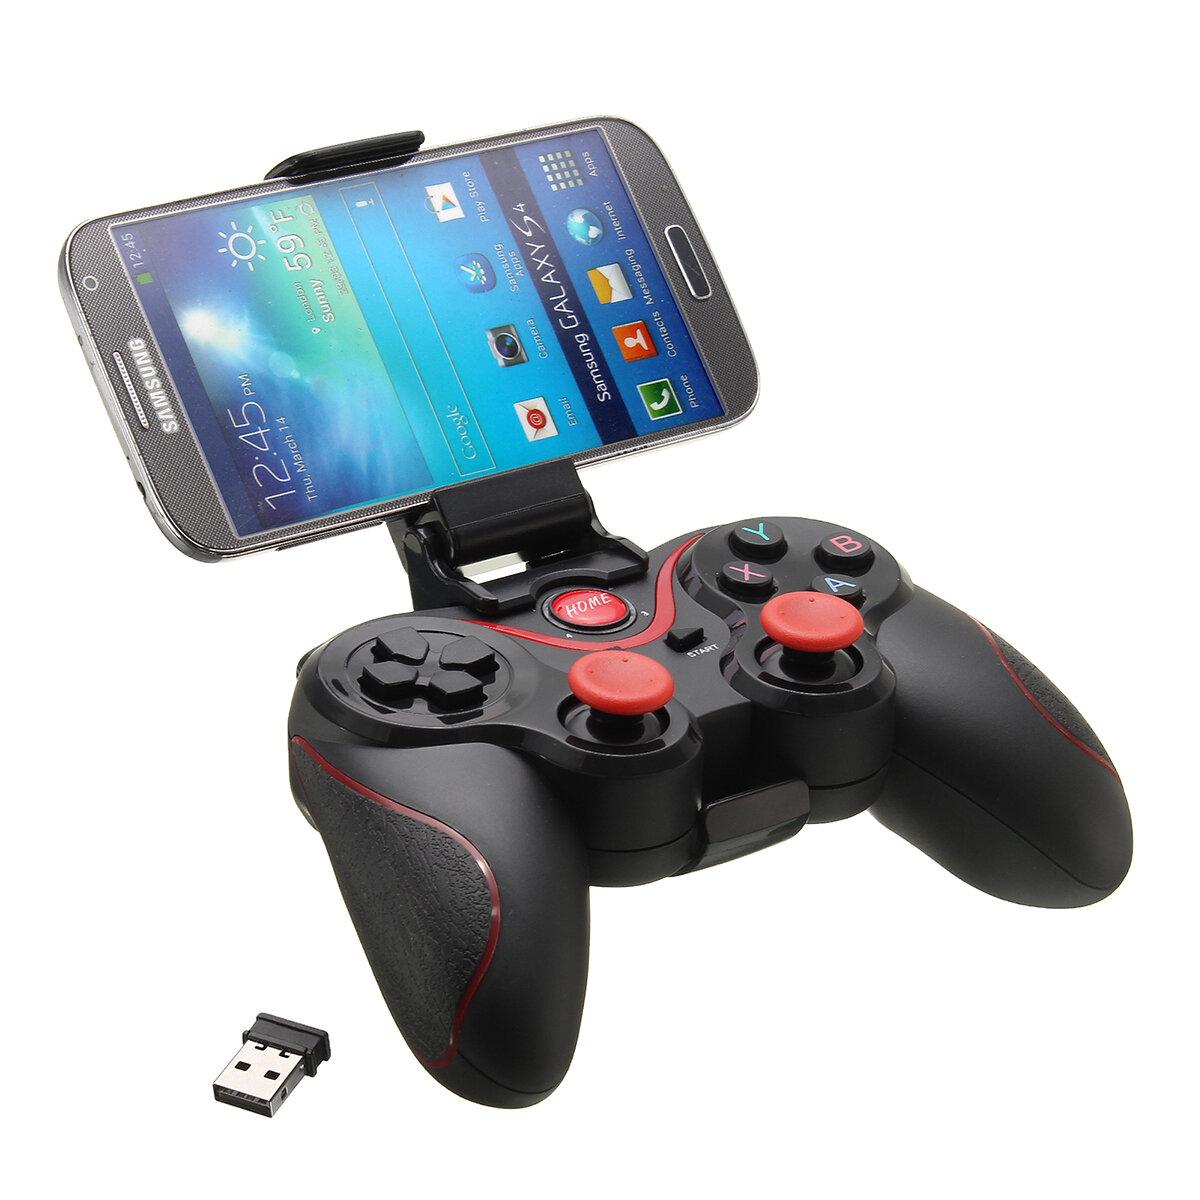 C8 Wireless Bluetooth 3.0 Game Pad Bộ điều khiển trò chơi + Giá đỡ + Bộ thu cho Máy tính bảng điện thoại thông minh Android